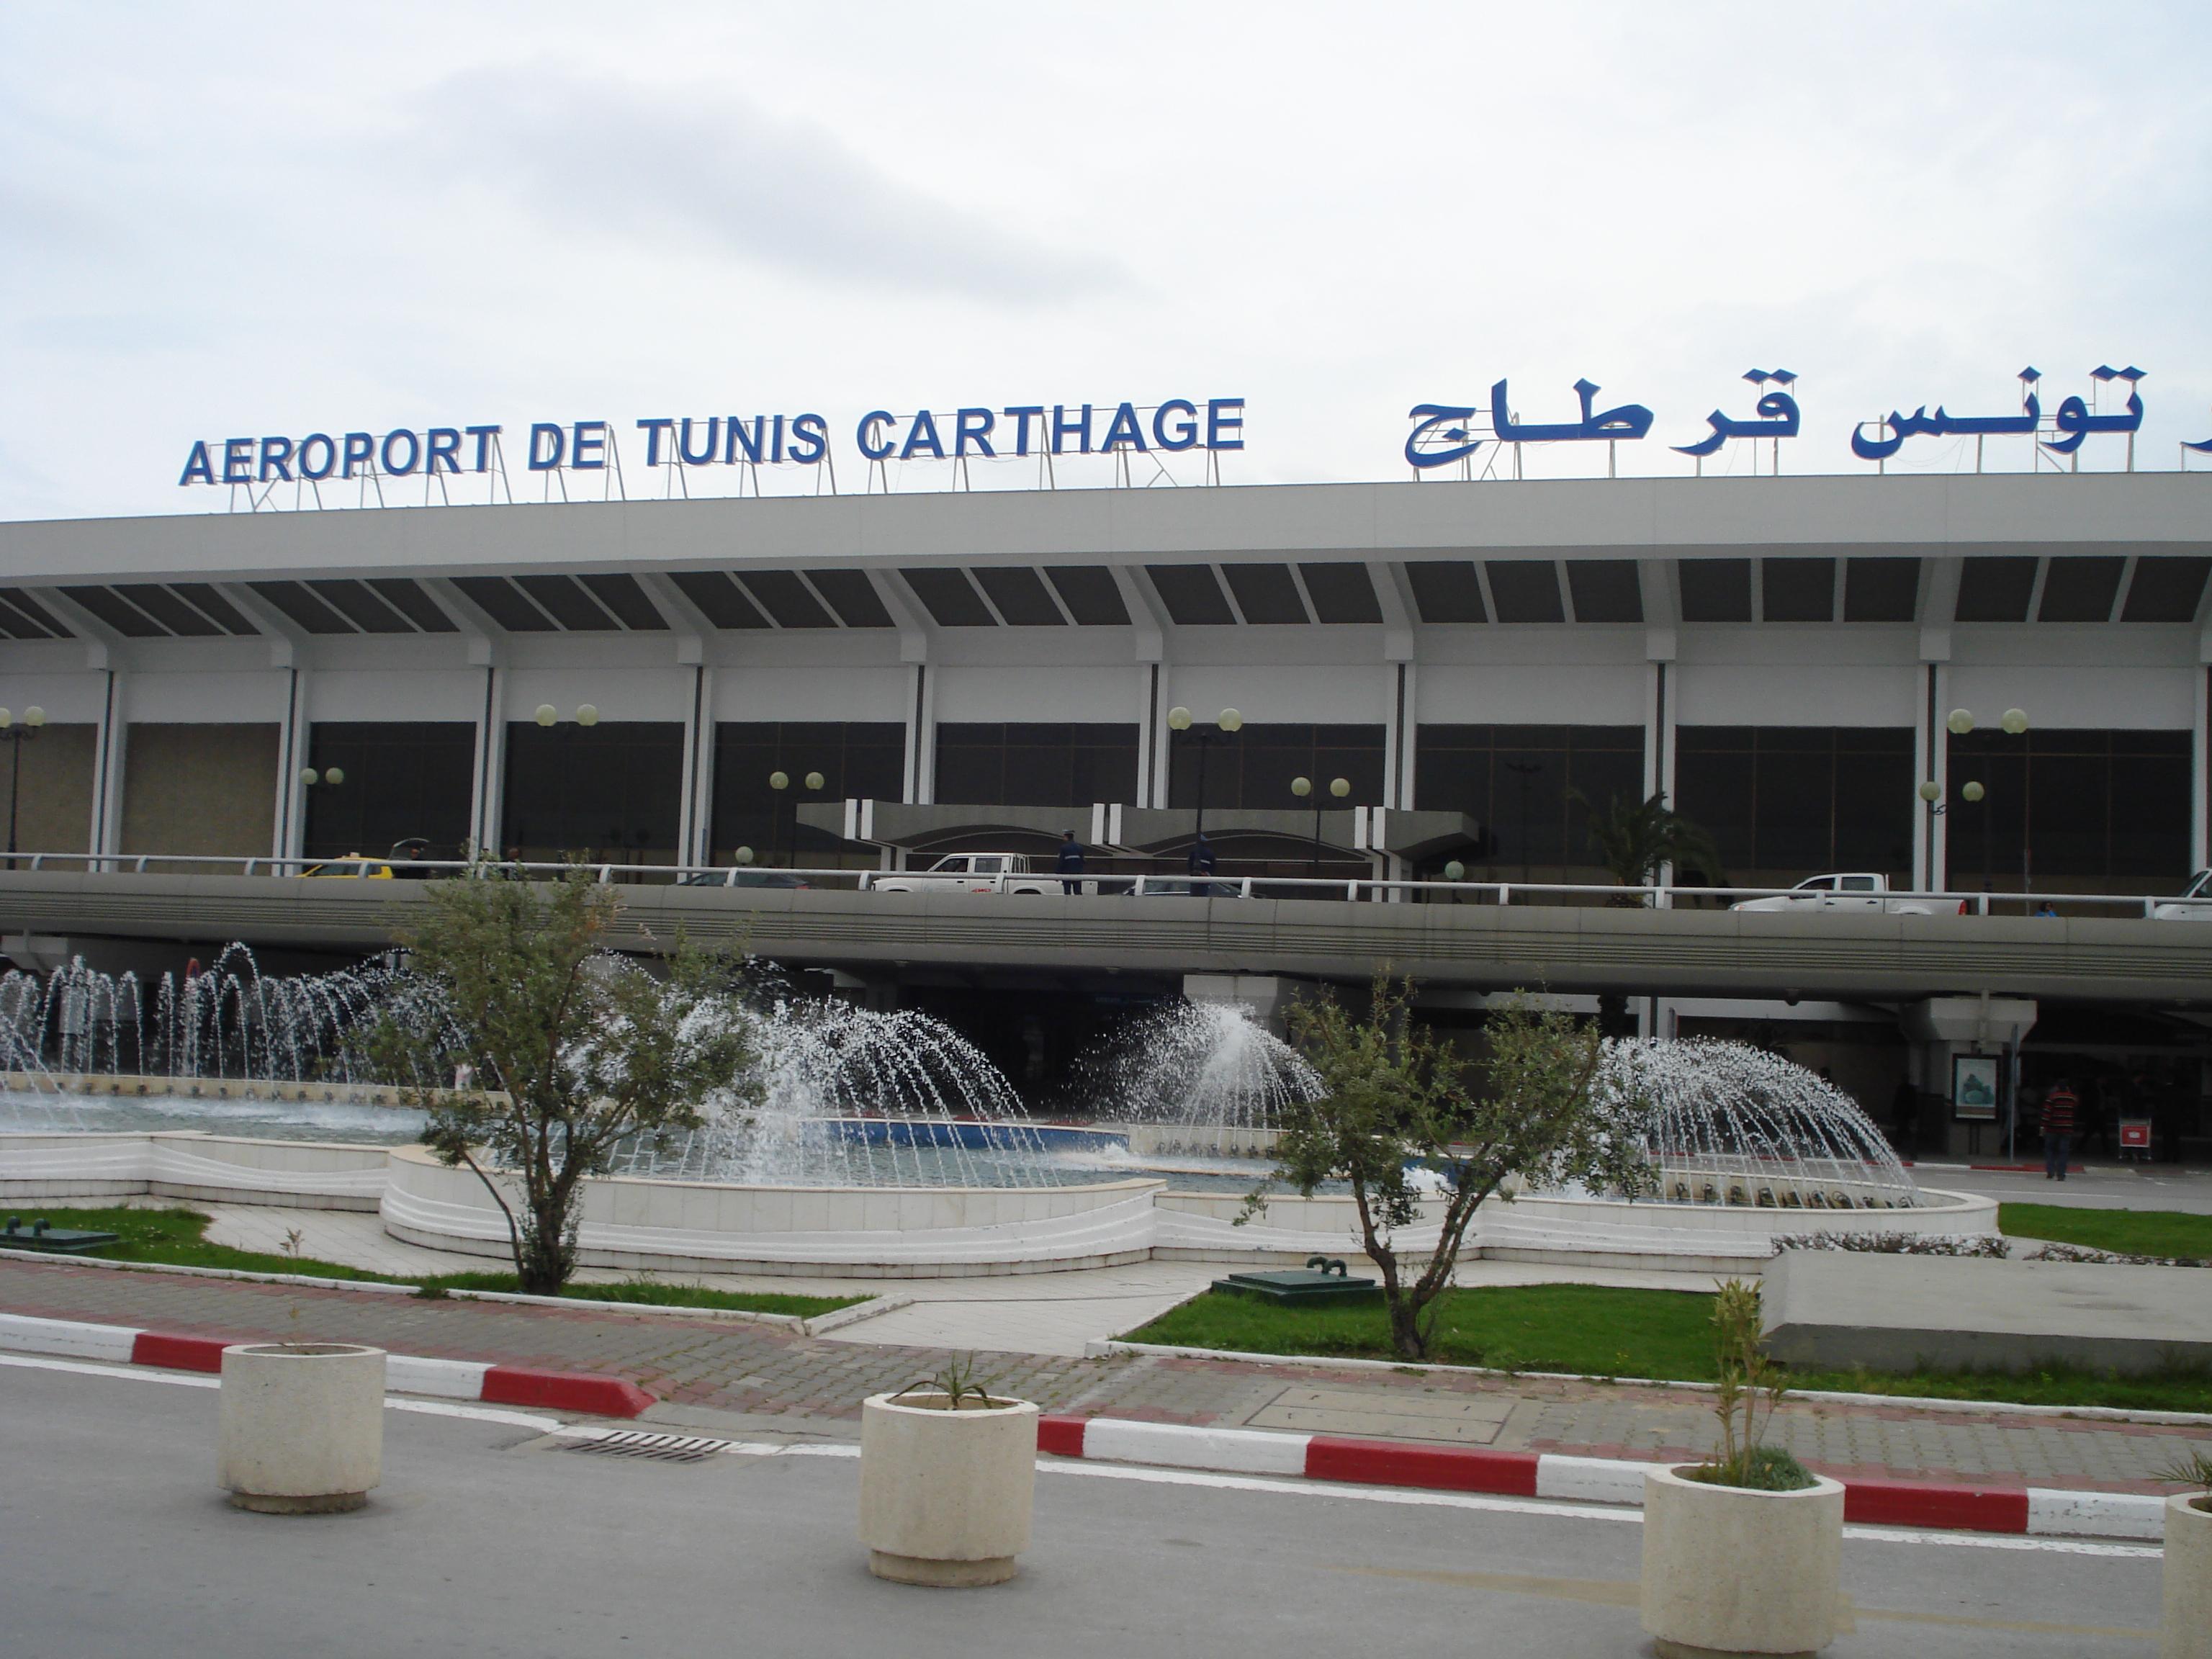 Hotel Aeroport De Tunis